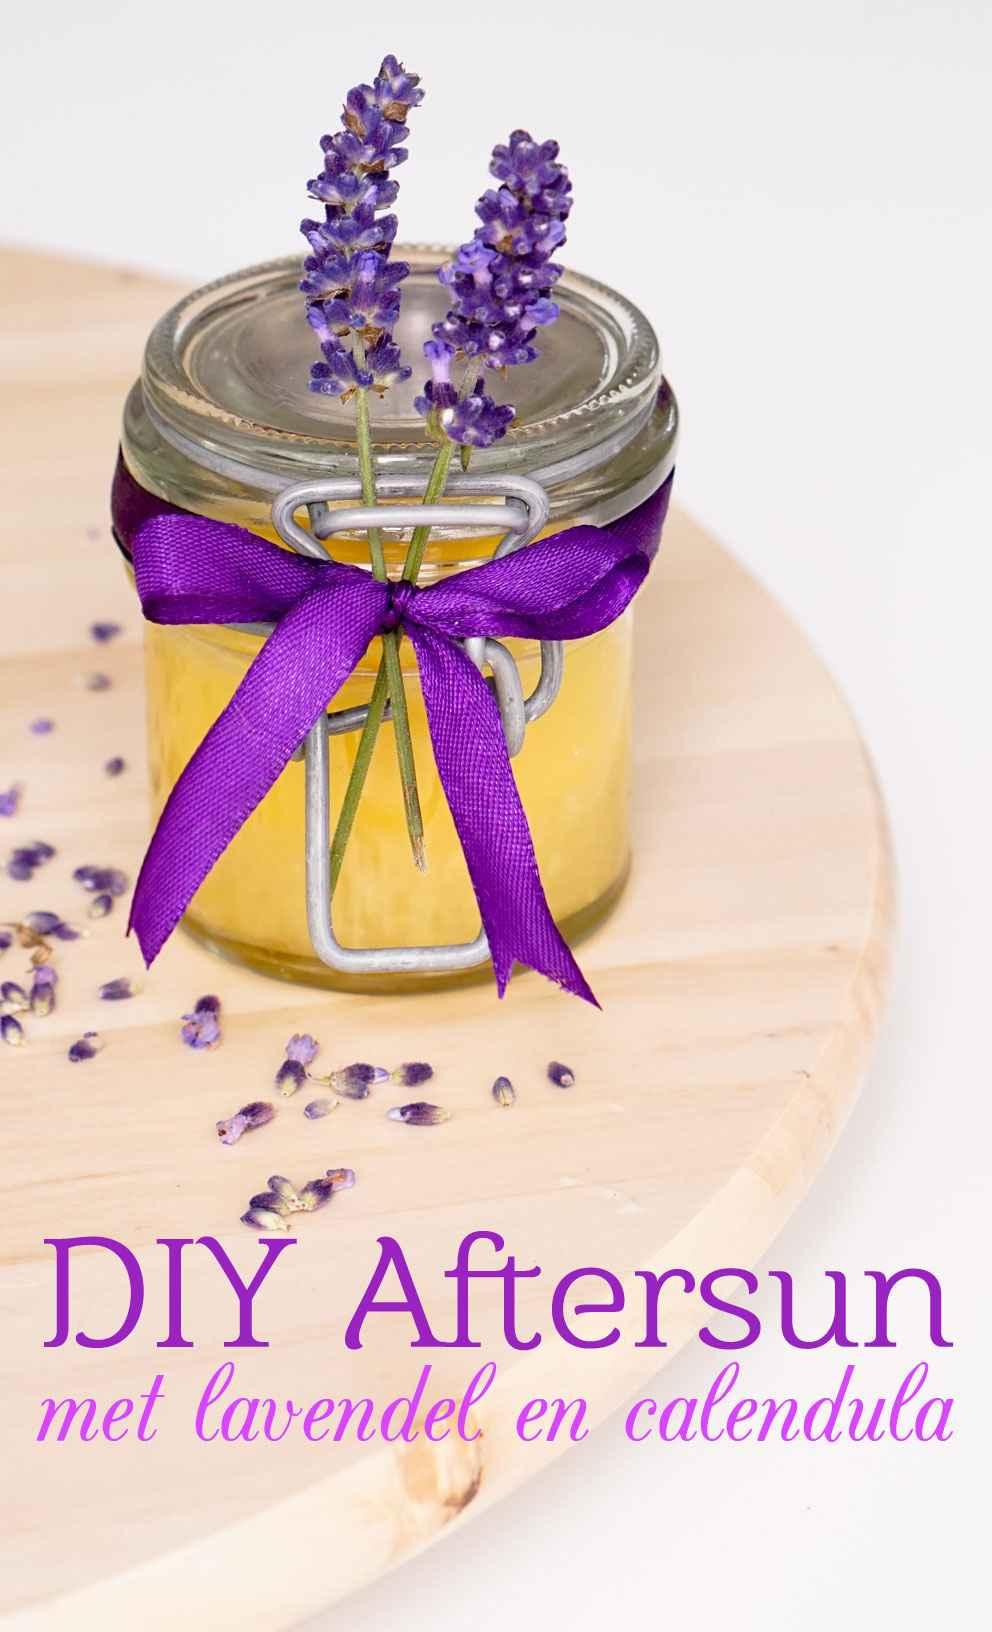 DIY aftersun met lavendel en calendula